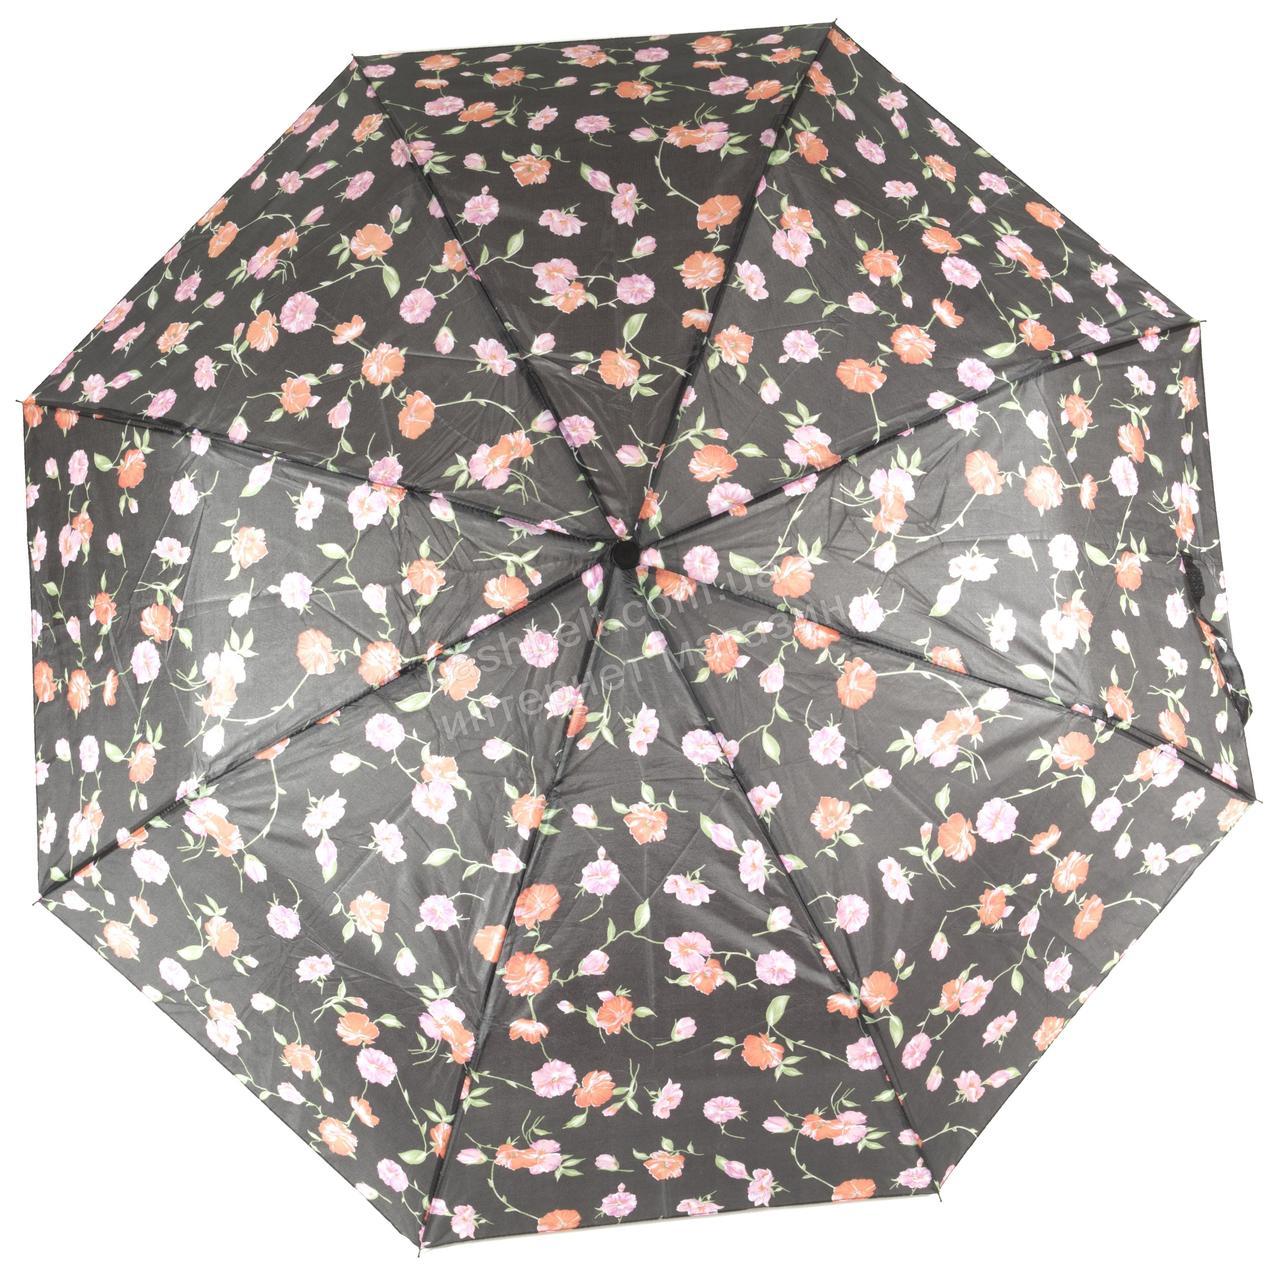 Женский симпатичный стильный прочный механический дешевый зонтик SWIFTs art. 301A черный в розочках (100243)